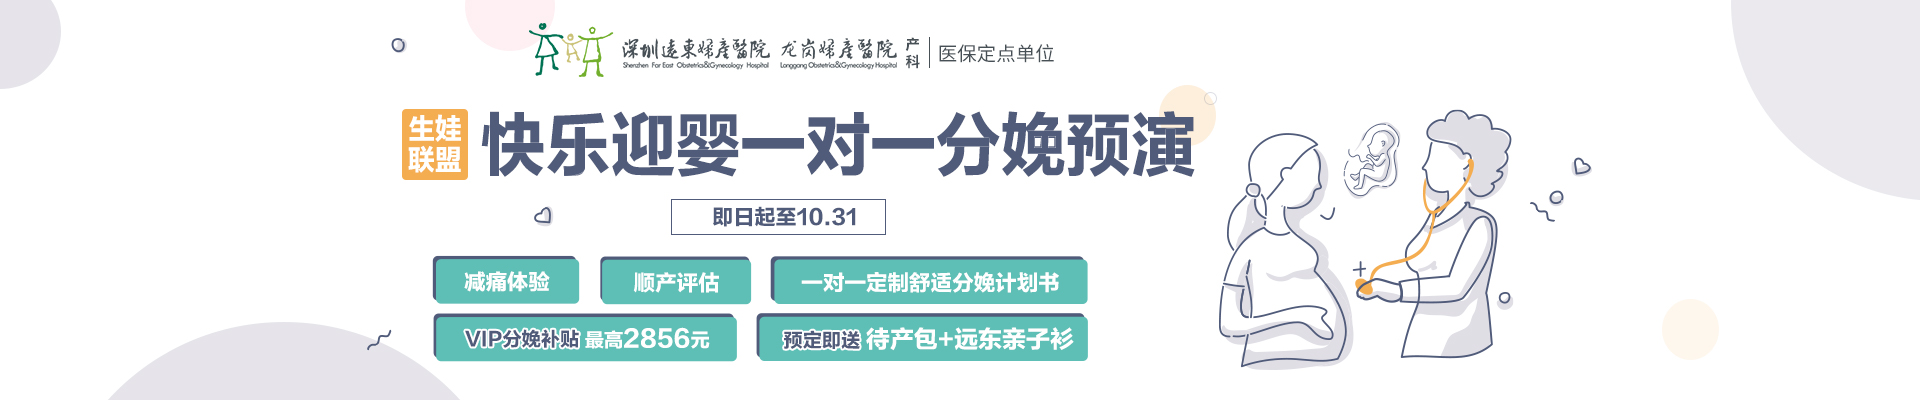 【龙岗】生娃联盟:快乐迎婴,一对一分娩预演活动